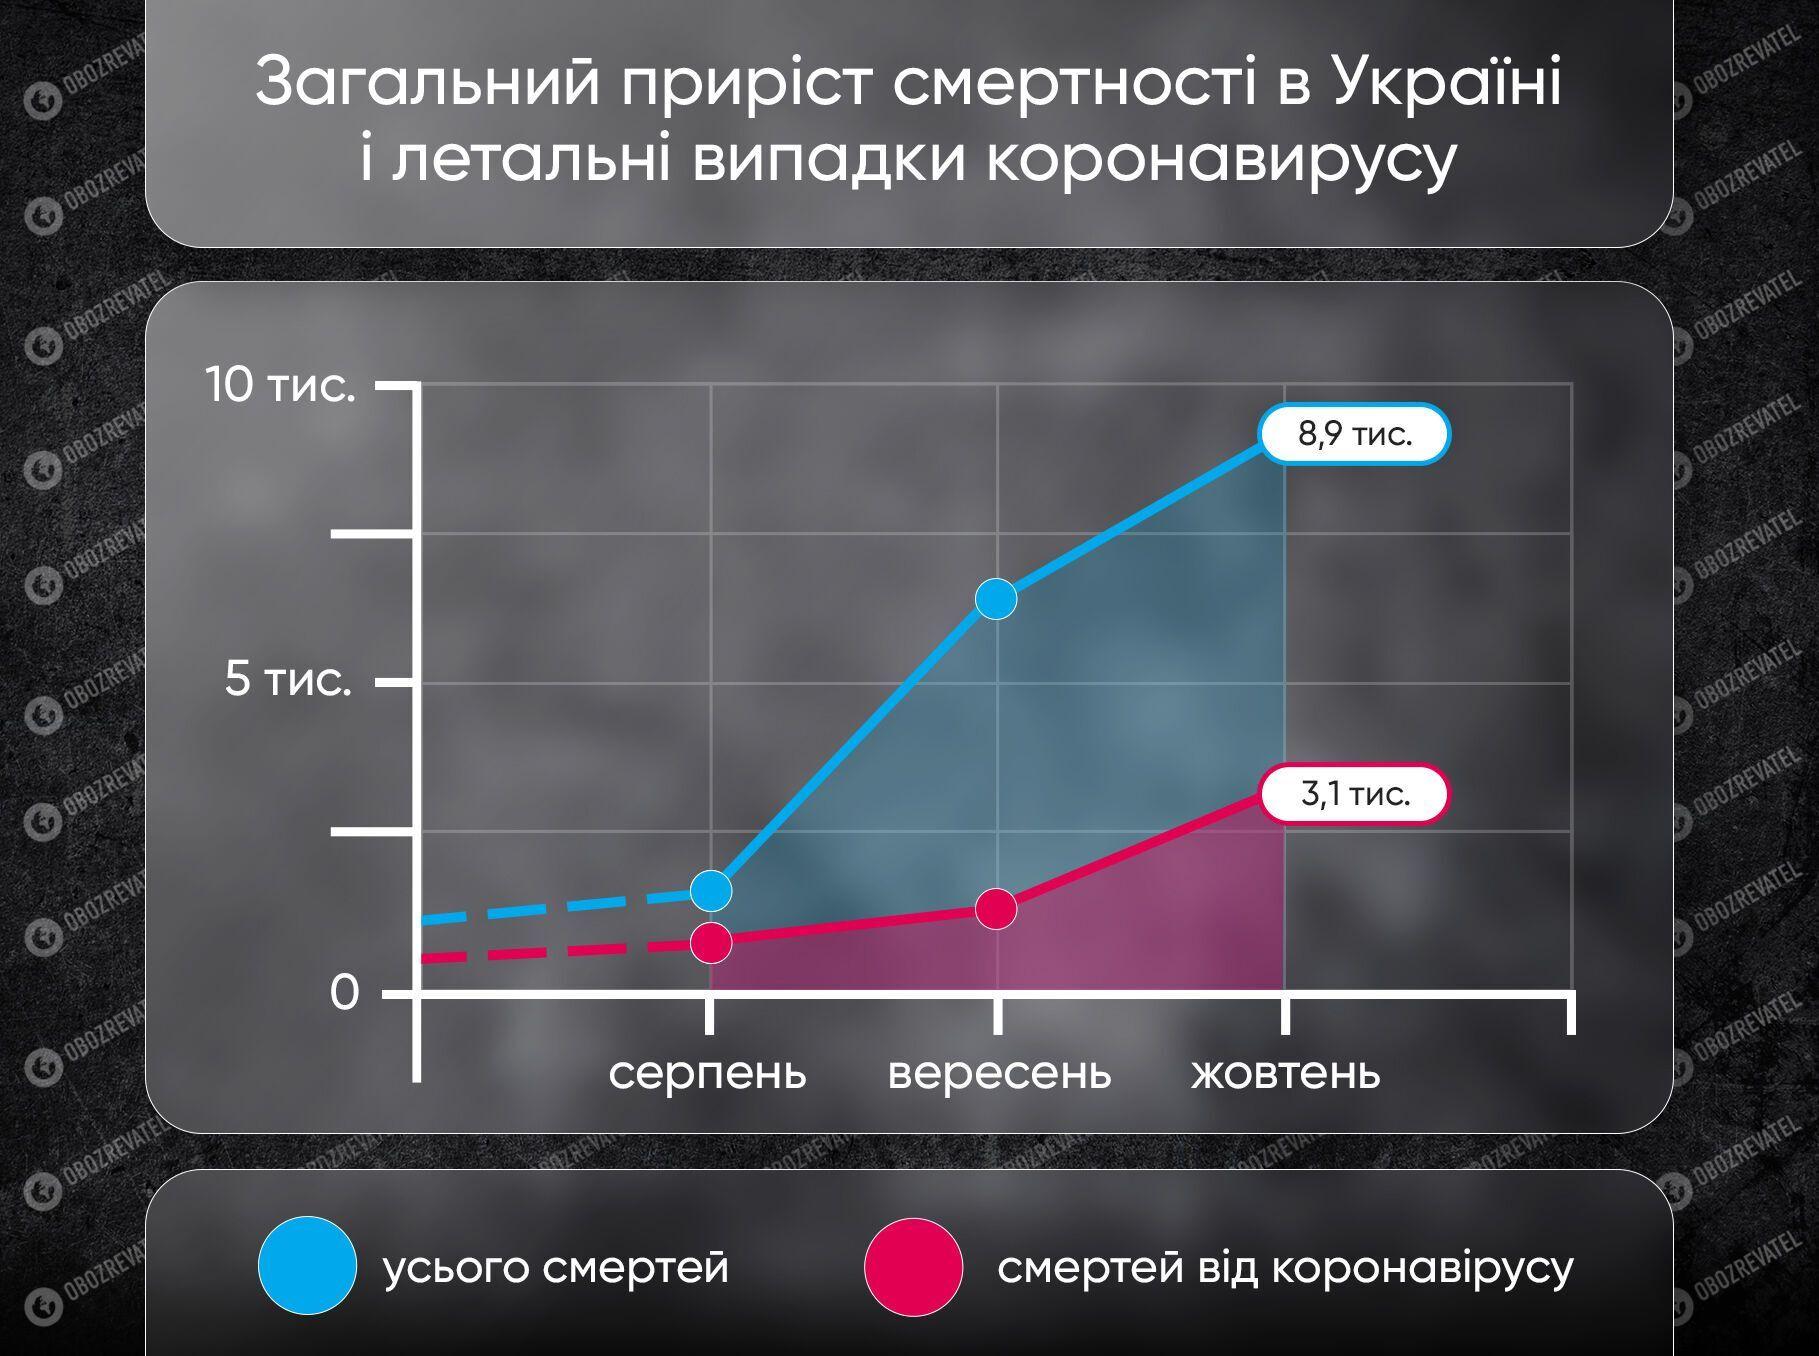 Приріст смертності